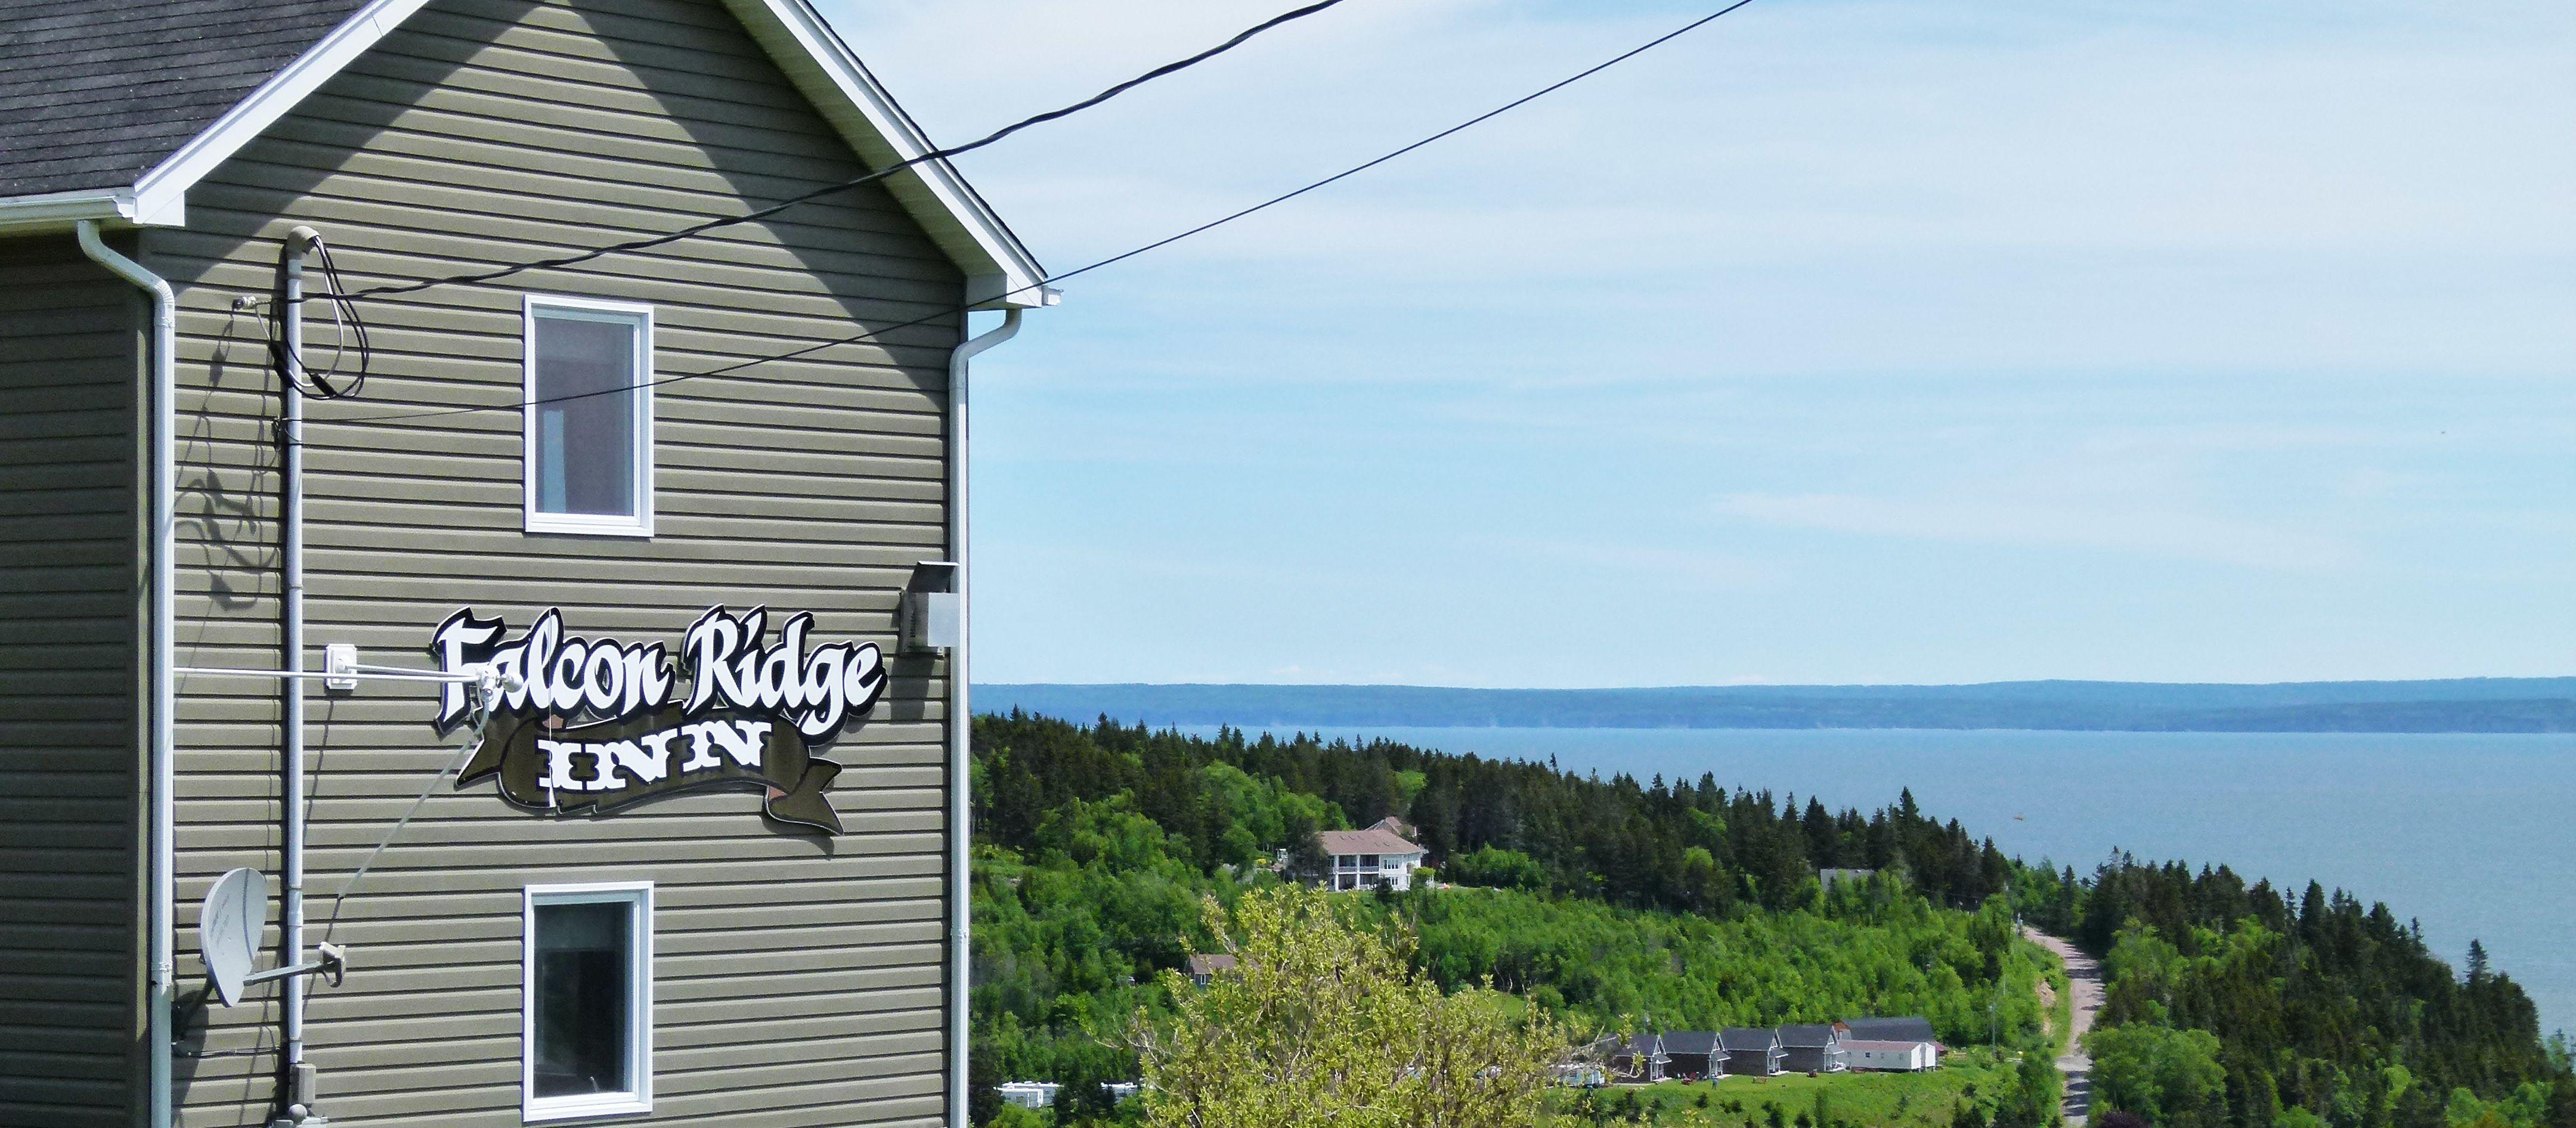 Aussenansicht mit Ausblick des Falcon Ridge Inn